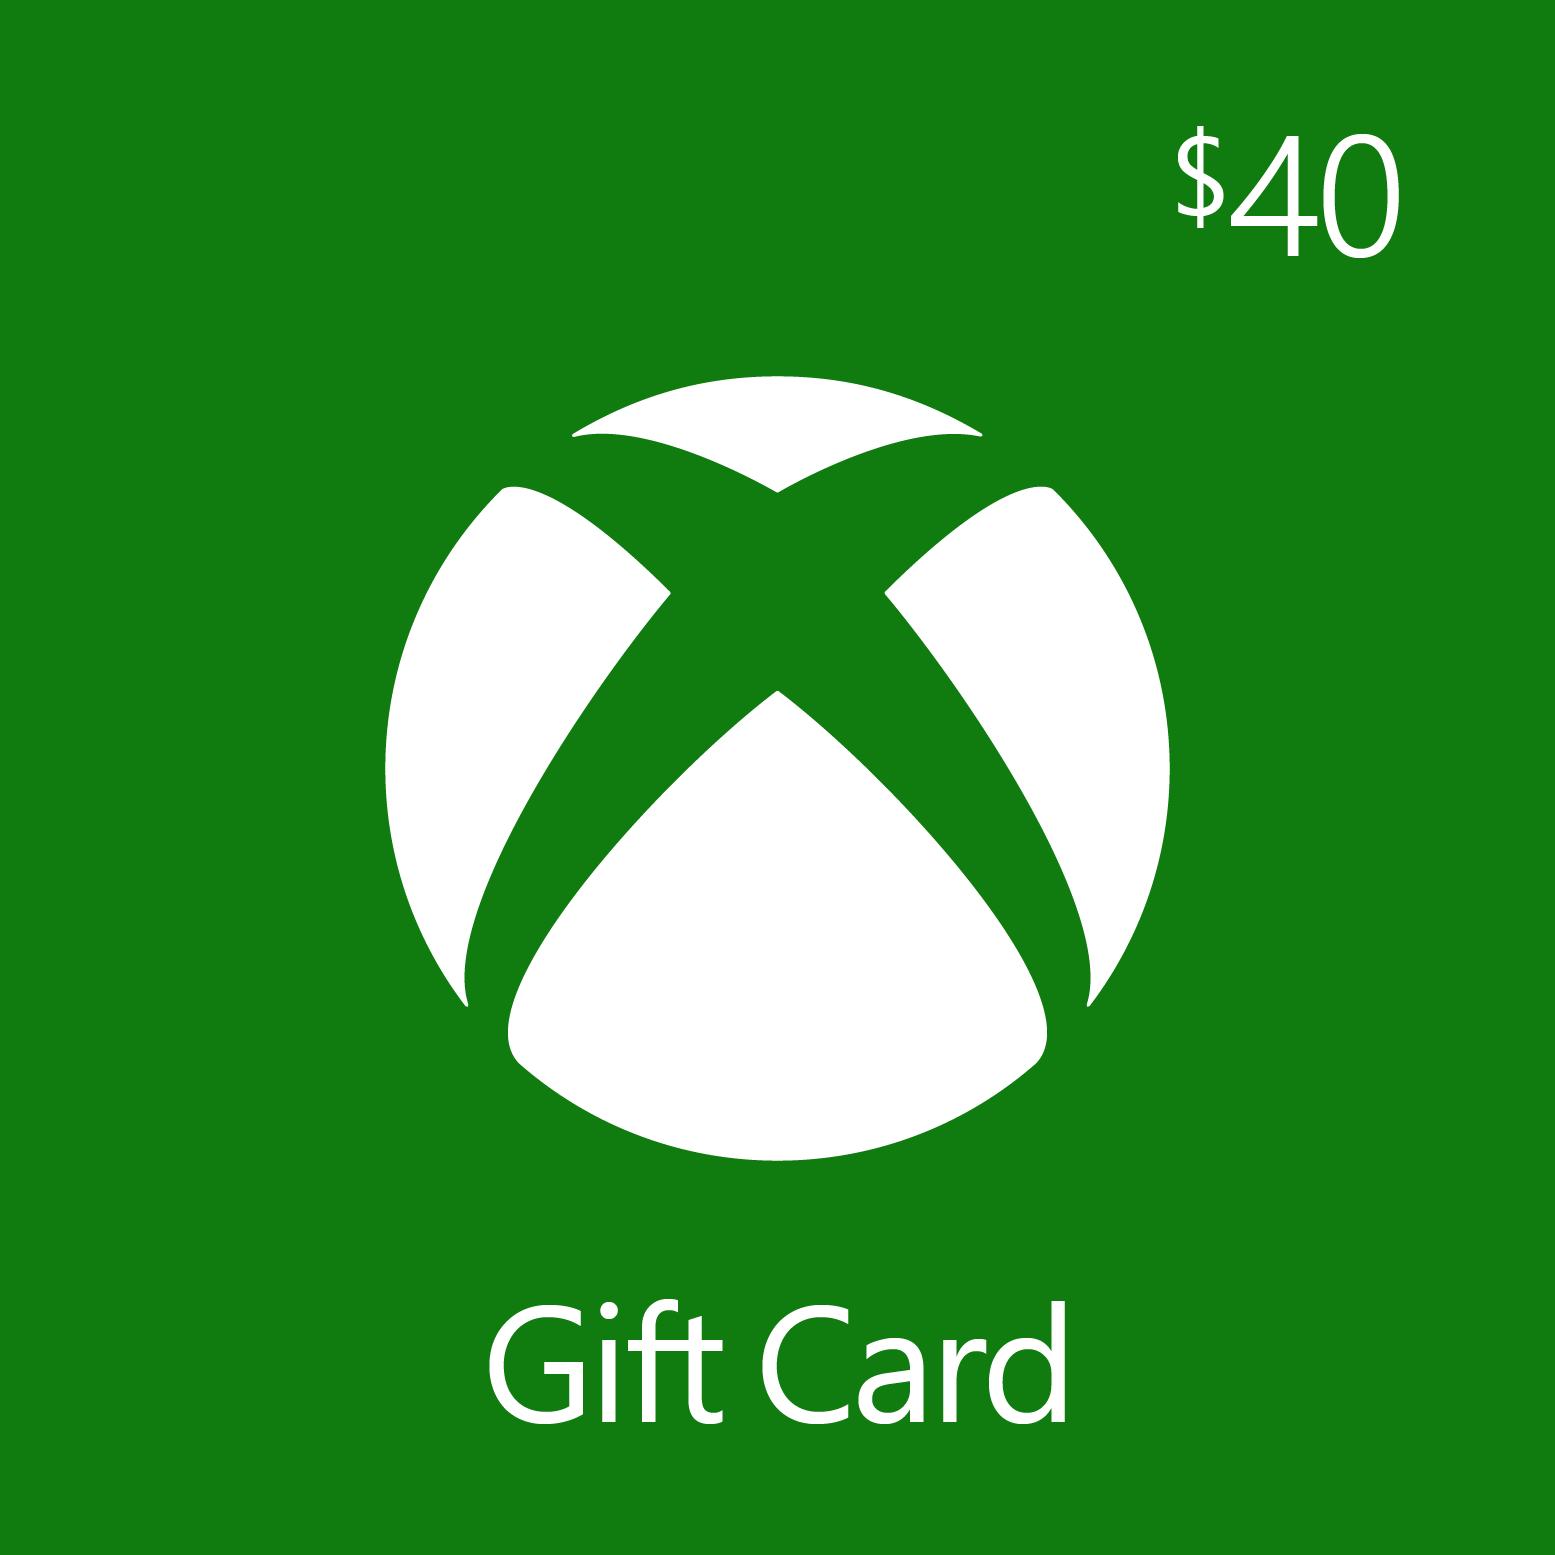 $40.00 Xbox Digital Gift Card